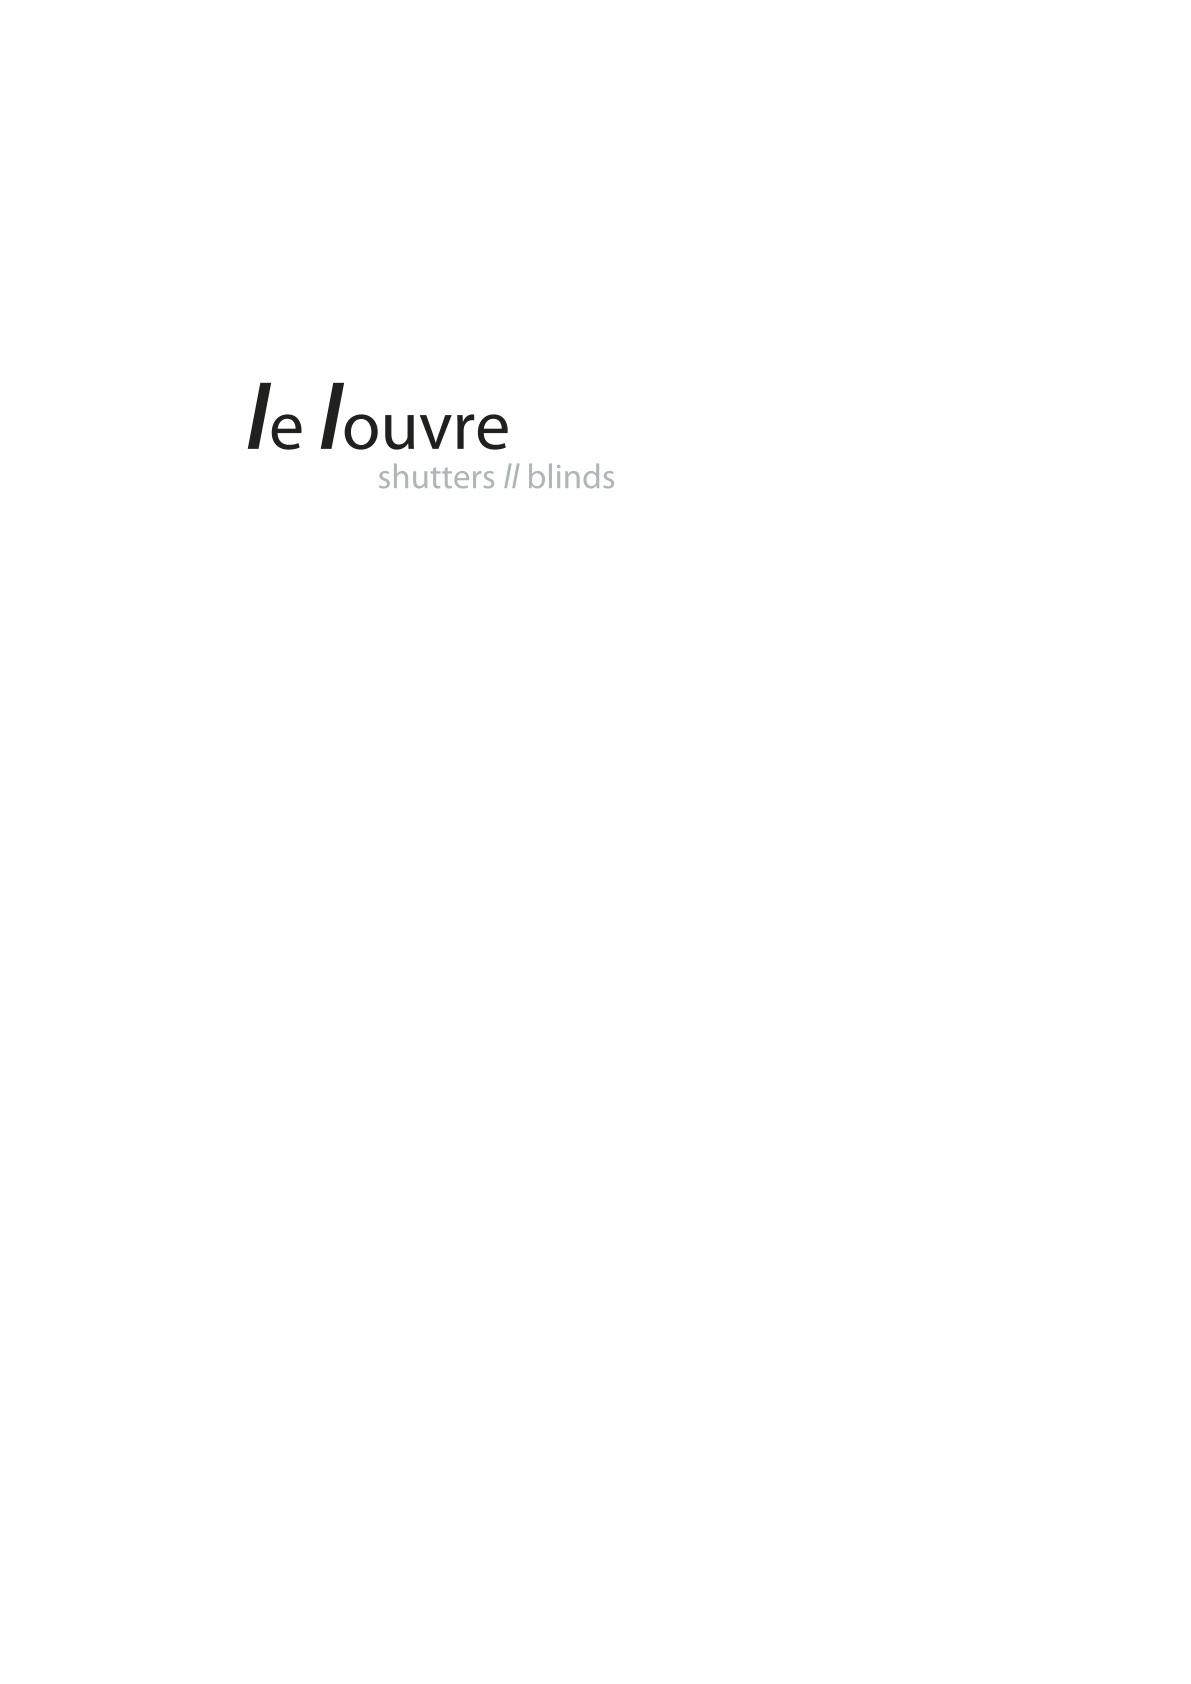 Le Louvre - www.lelouvre.co.uk